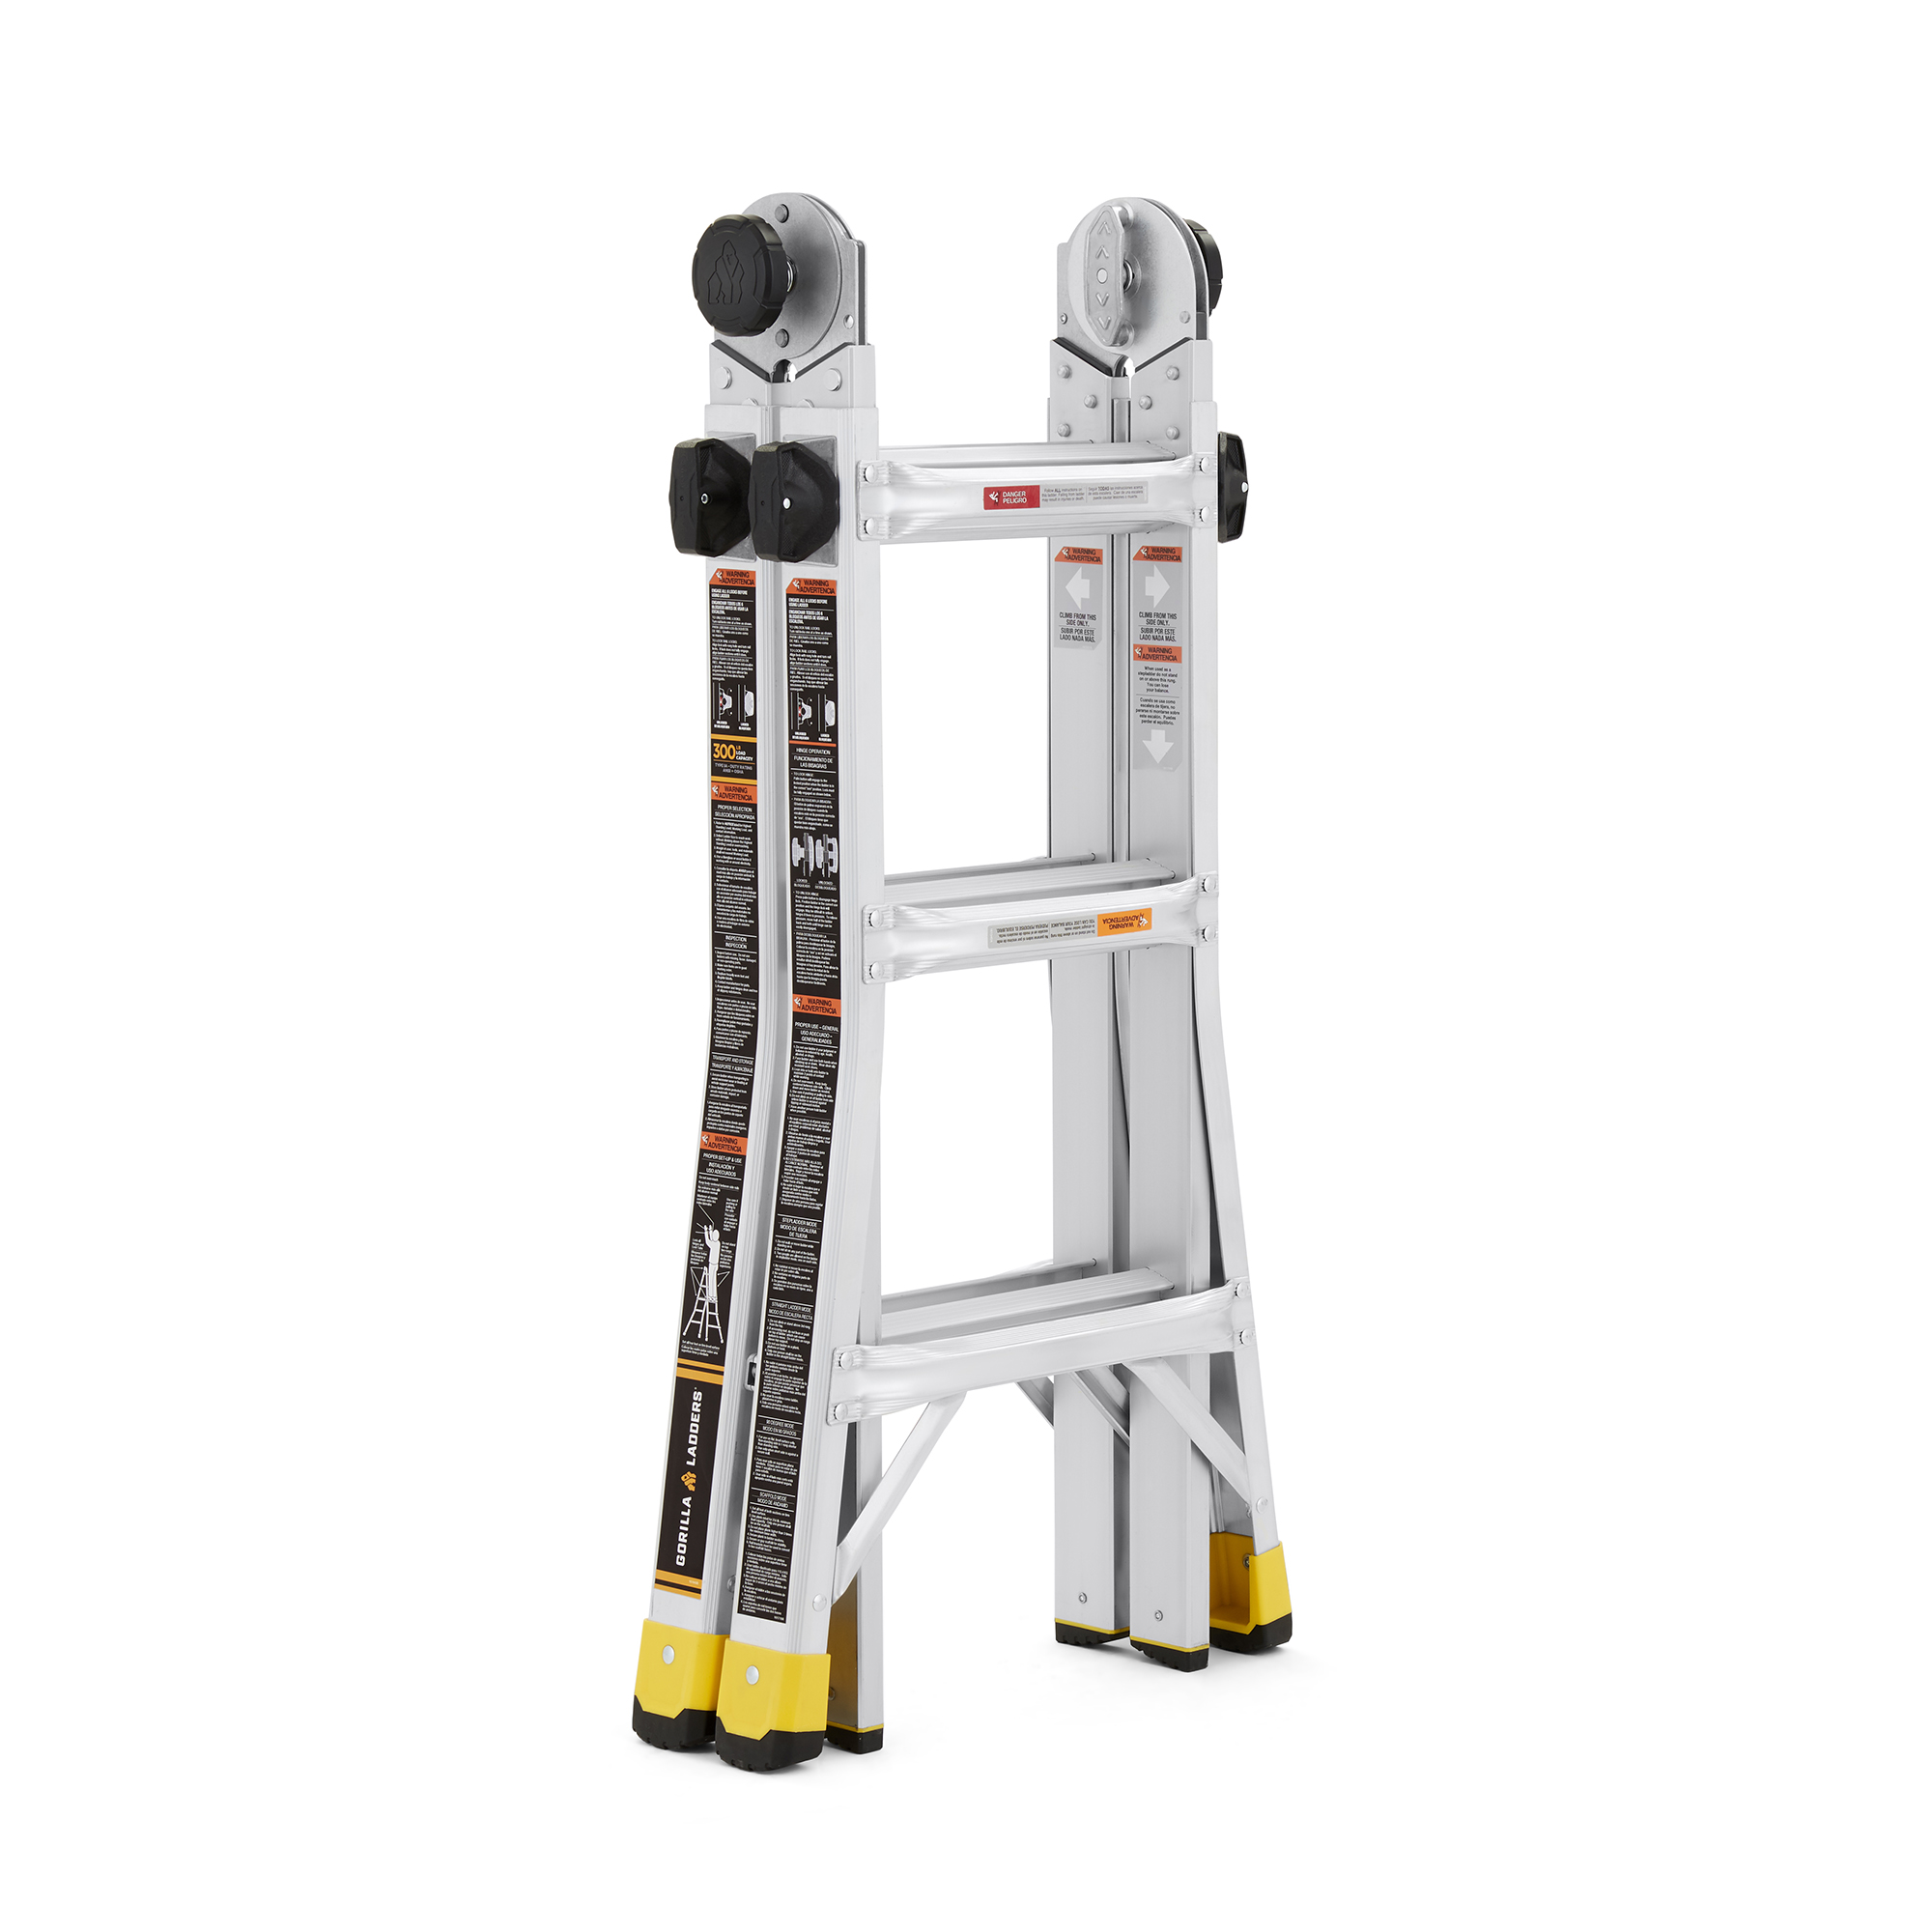 Greatangle Misurelure MPG Tragbares Aluminium-Weichk/öder-Stickk/öder-Angelwerkzeug mit 10 Gummi-O-Ringen-Angelwerkzeug f/ür Stick-K/öder rot